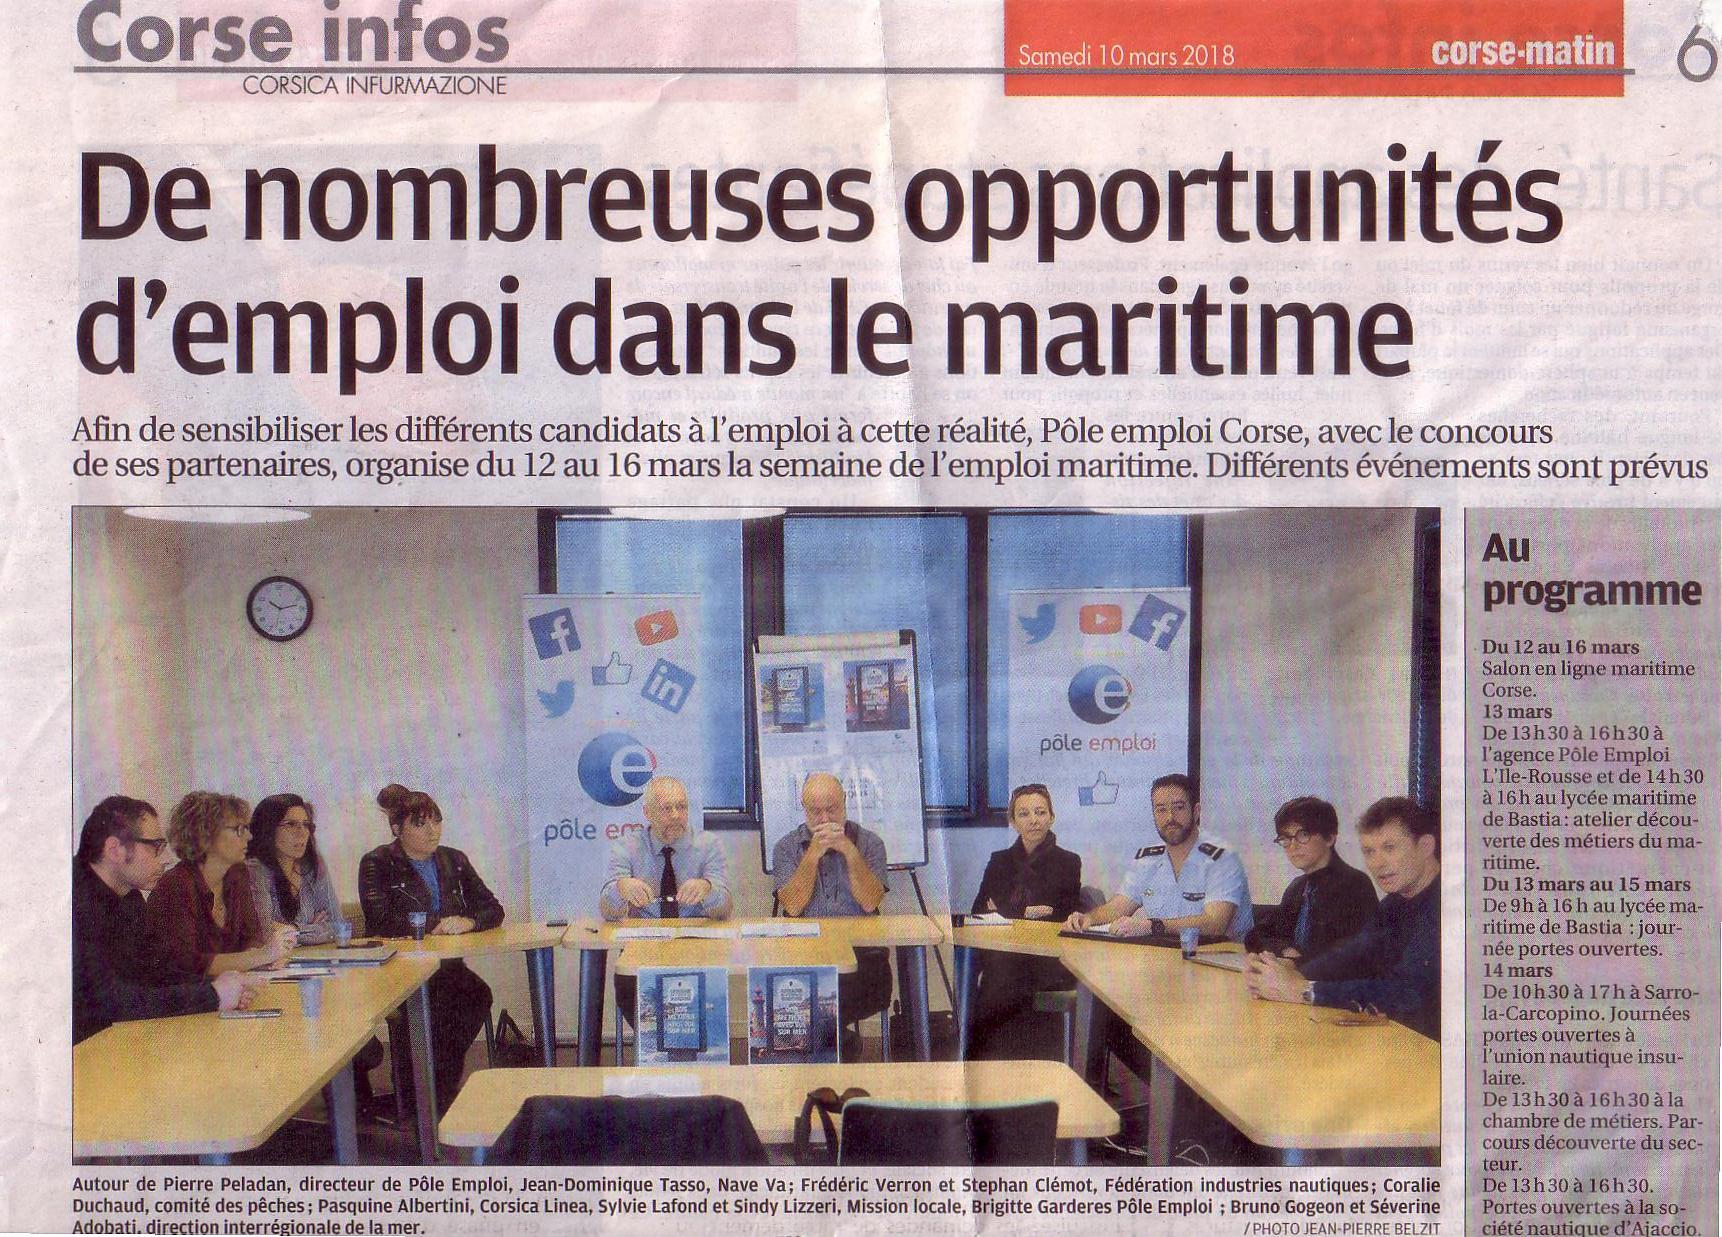 Coralie DUCHAUD, représentant le CRPMEM de Corse est intervenue sur la filière pêche professionnelle artisanale Corse.